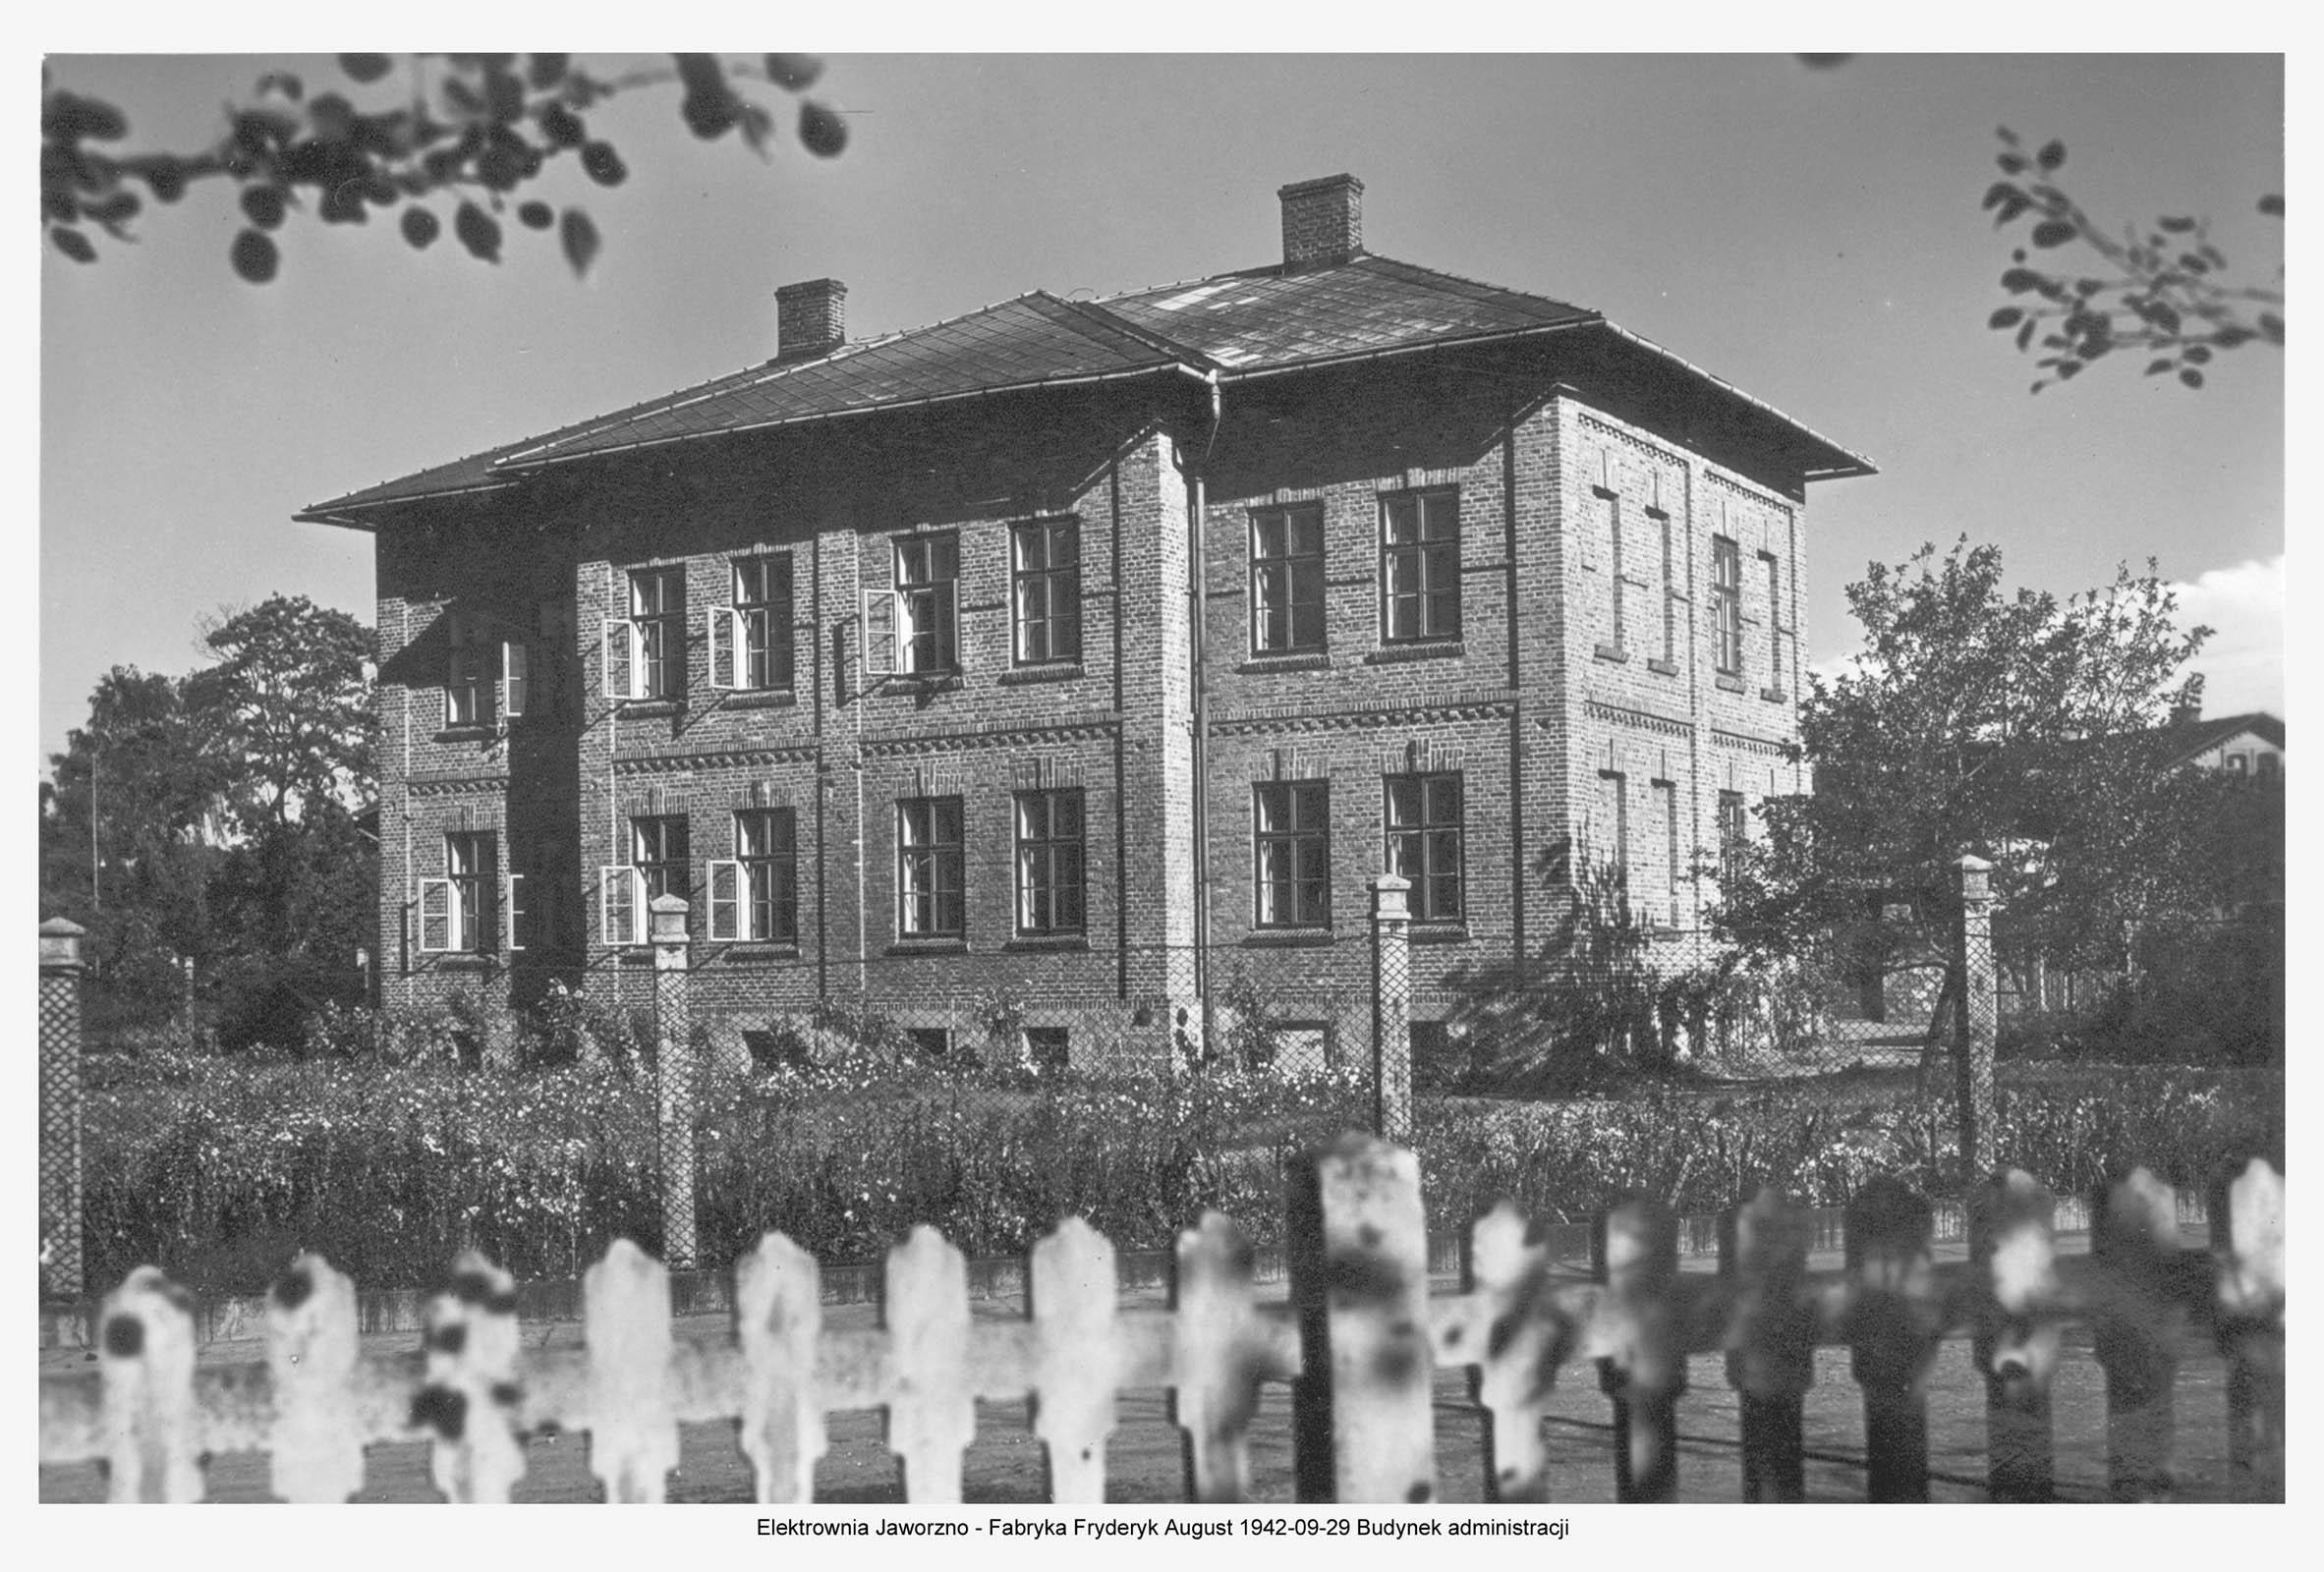 Administration building Kraftwerk Friedrich-Augustgrube. 1942 Muzeum w Jaworznie